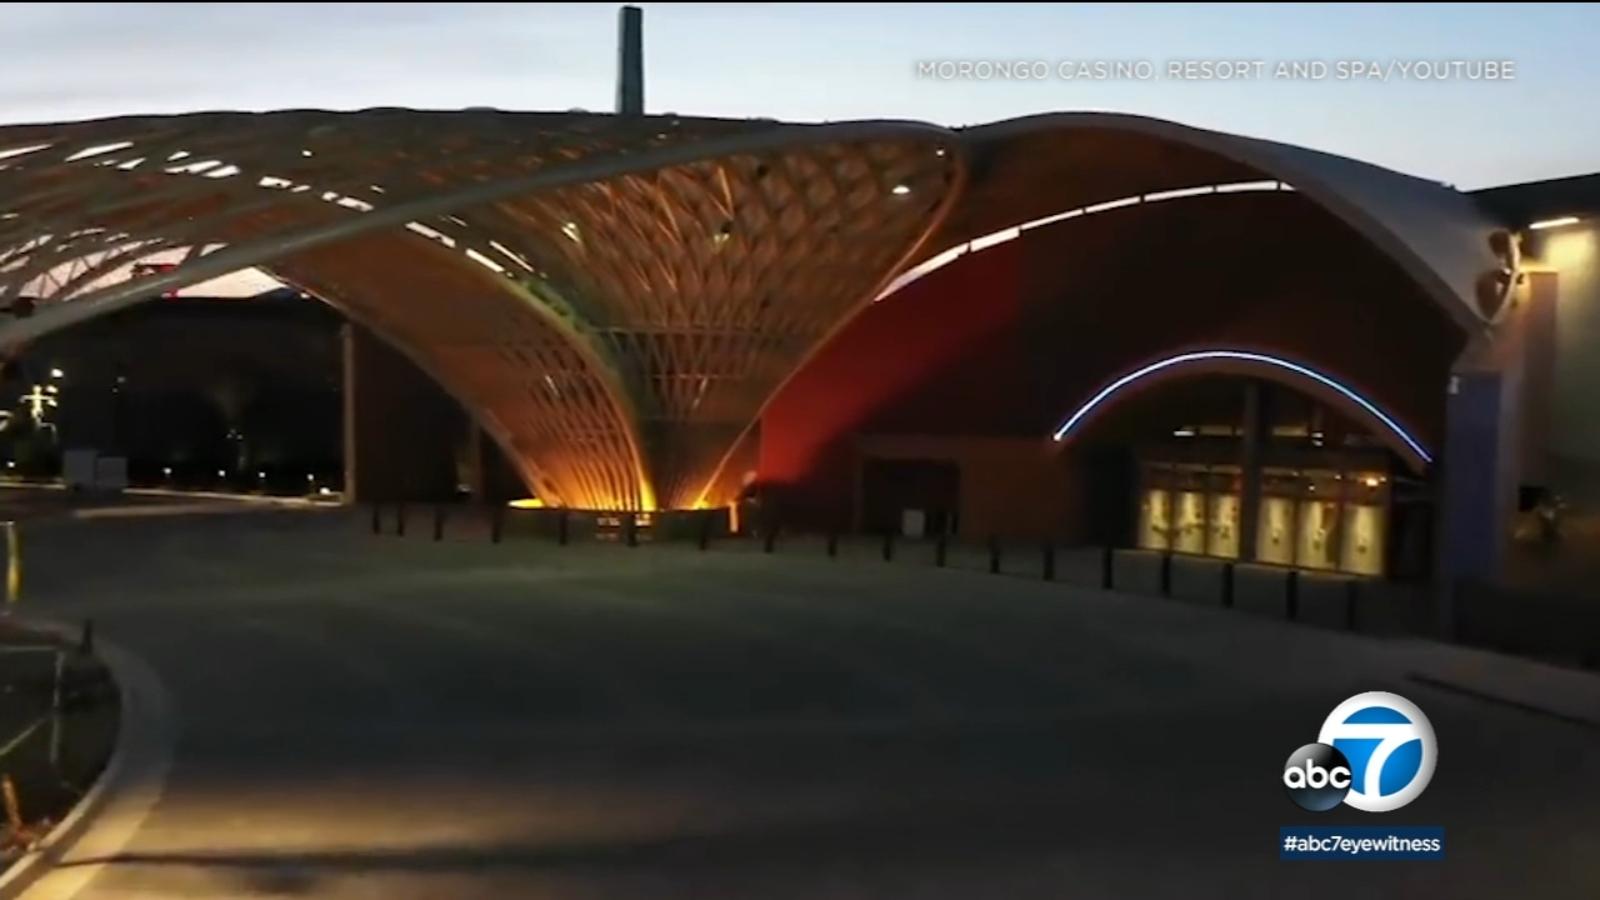 Indian casinos in orange county ca fantasy flight games descent 2 forum